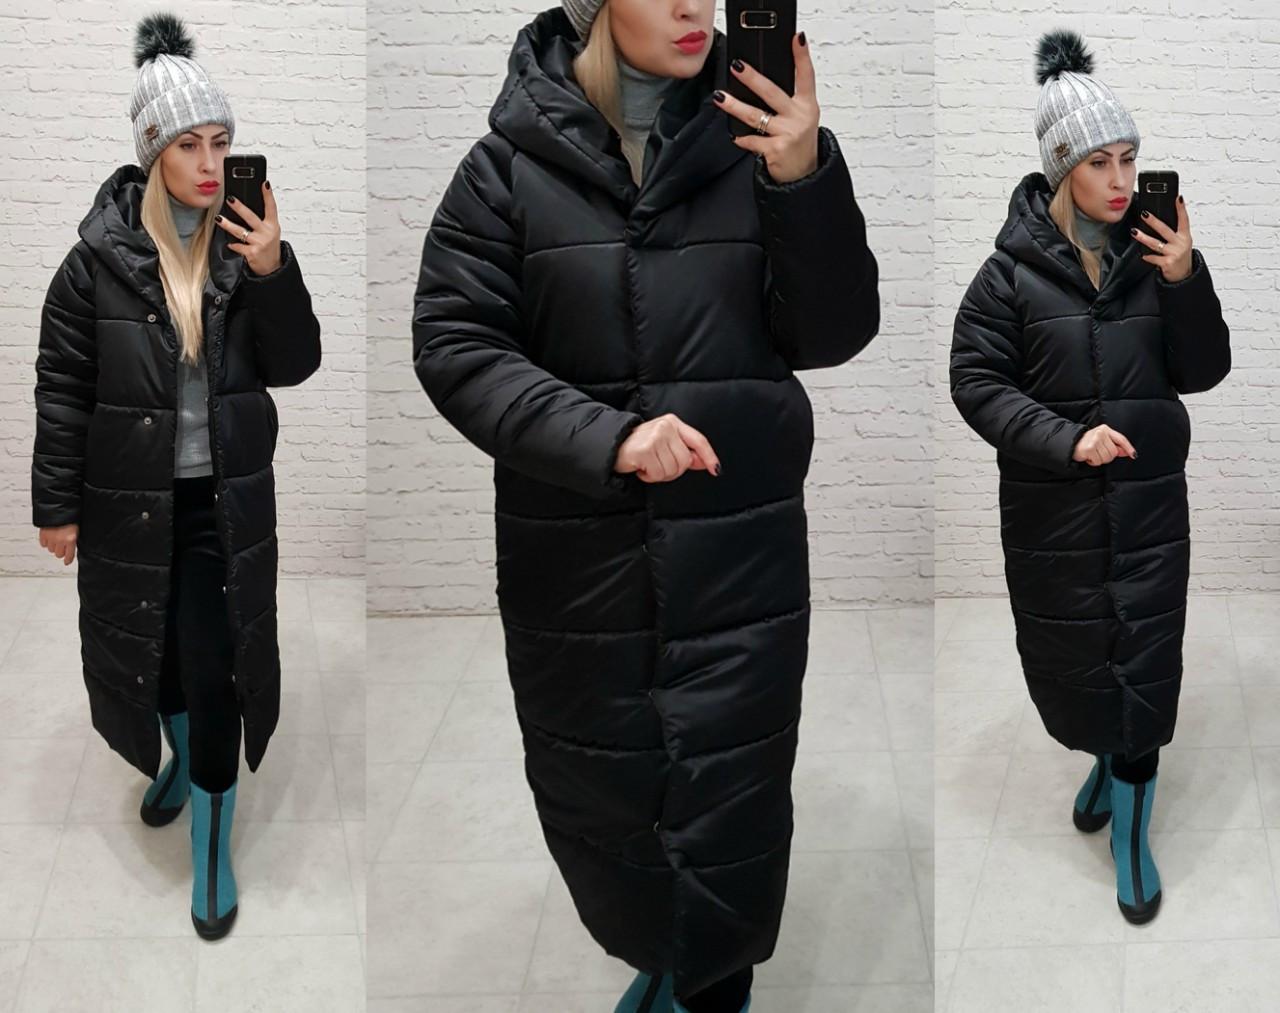 38b0e2a94be Куртка зимняя длинная очень теплая с капюшоном арт. М521 черная - Интернет  магазин женской одежды